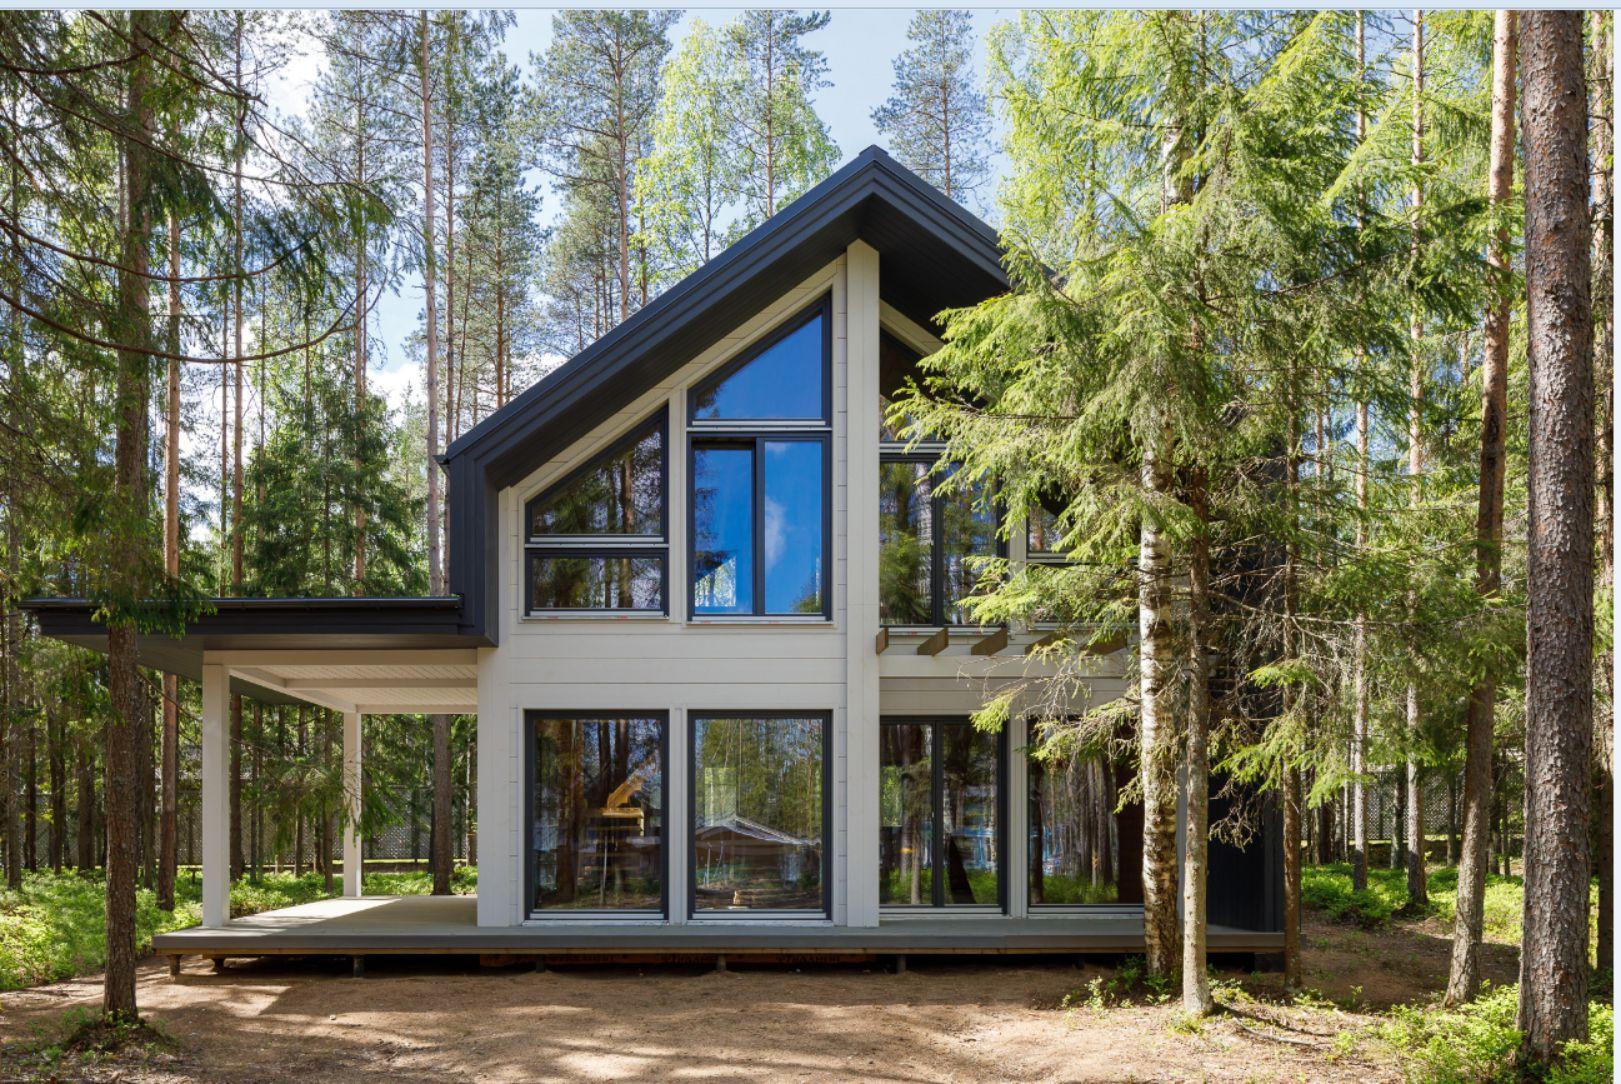 Дом на участке № 73б в КП «Медное Озеро 2» (Санкт-Петербург)